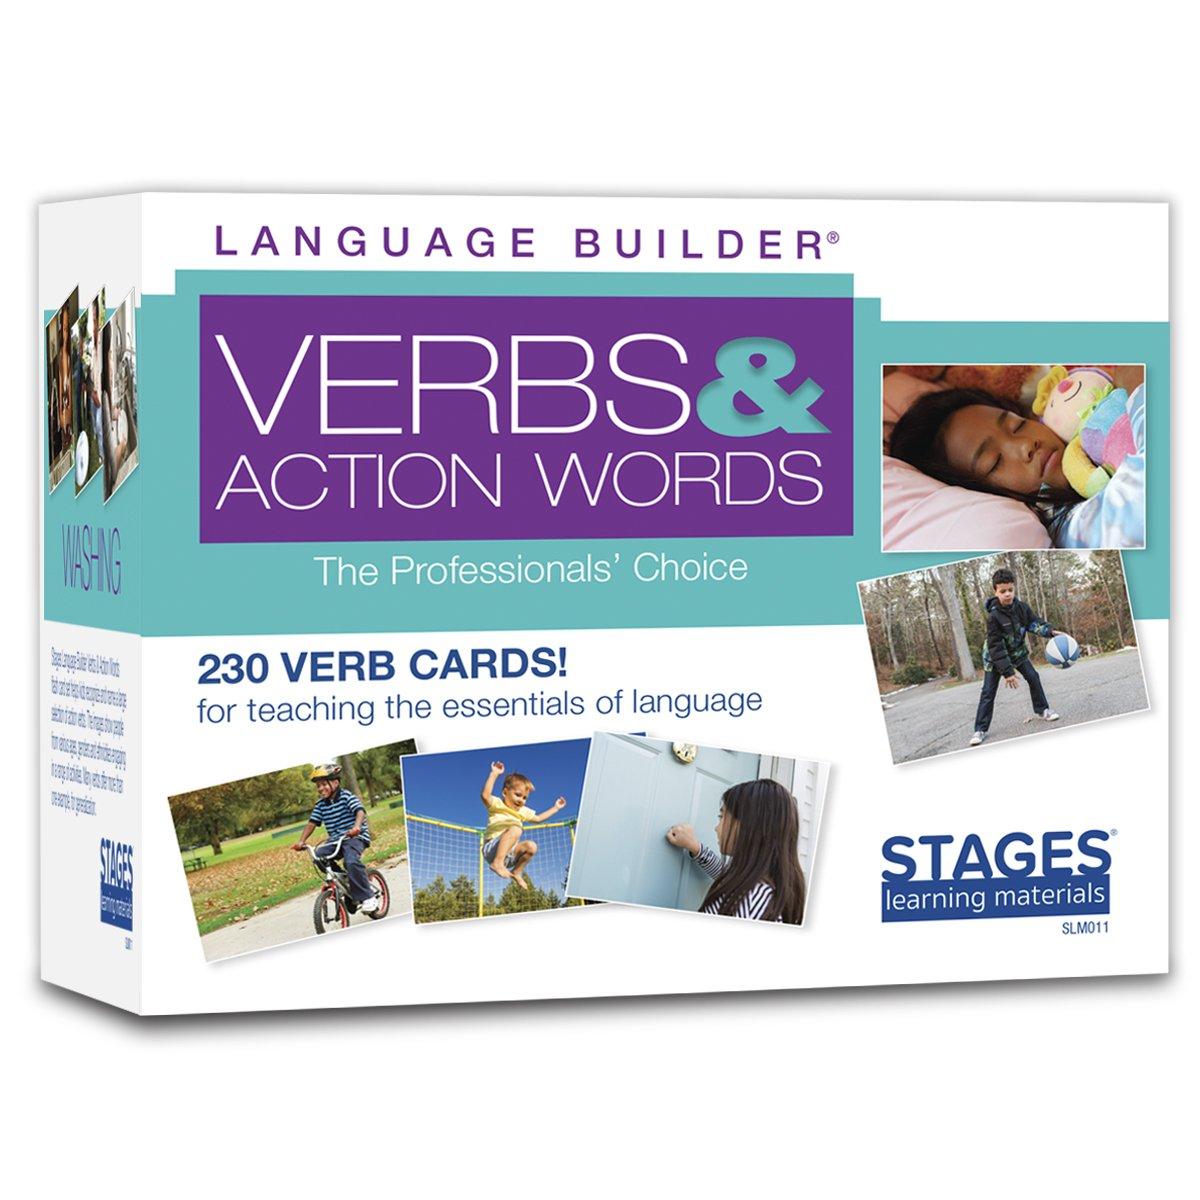 Language Builder: Werkwoorden en Acties